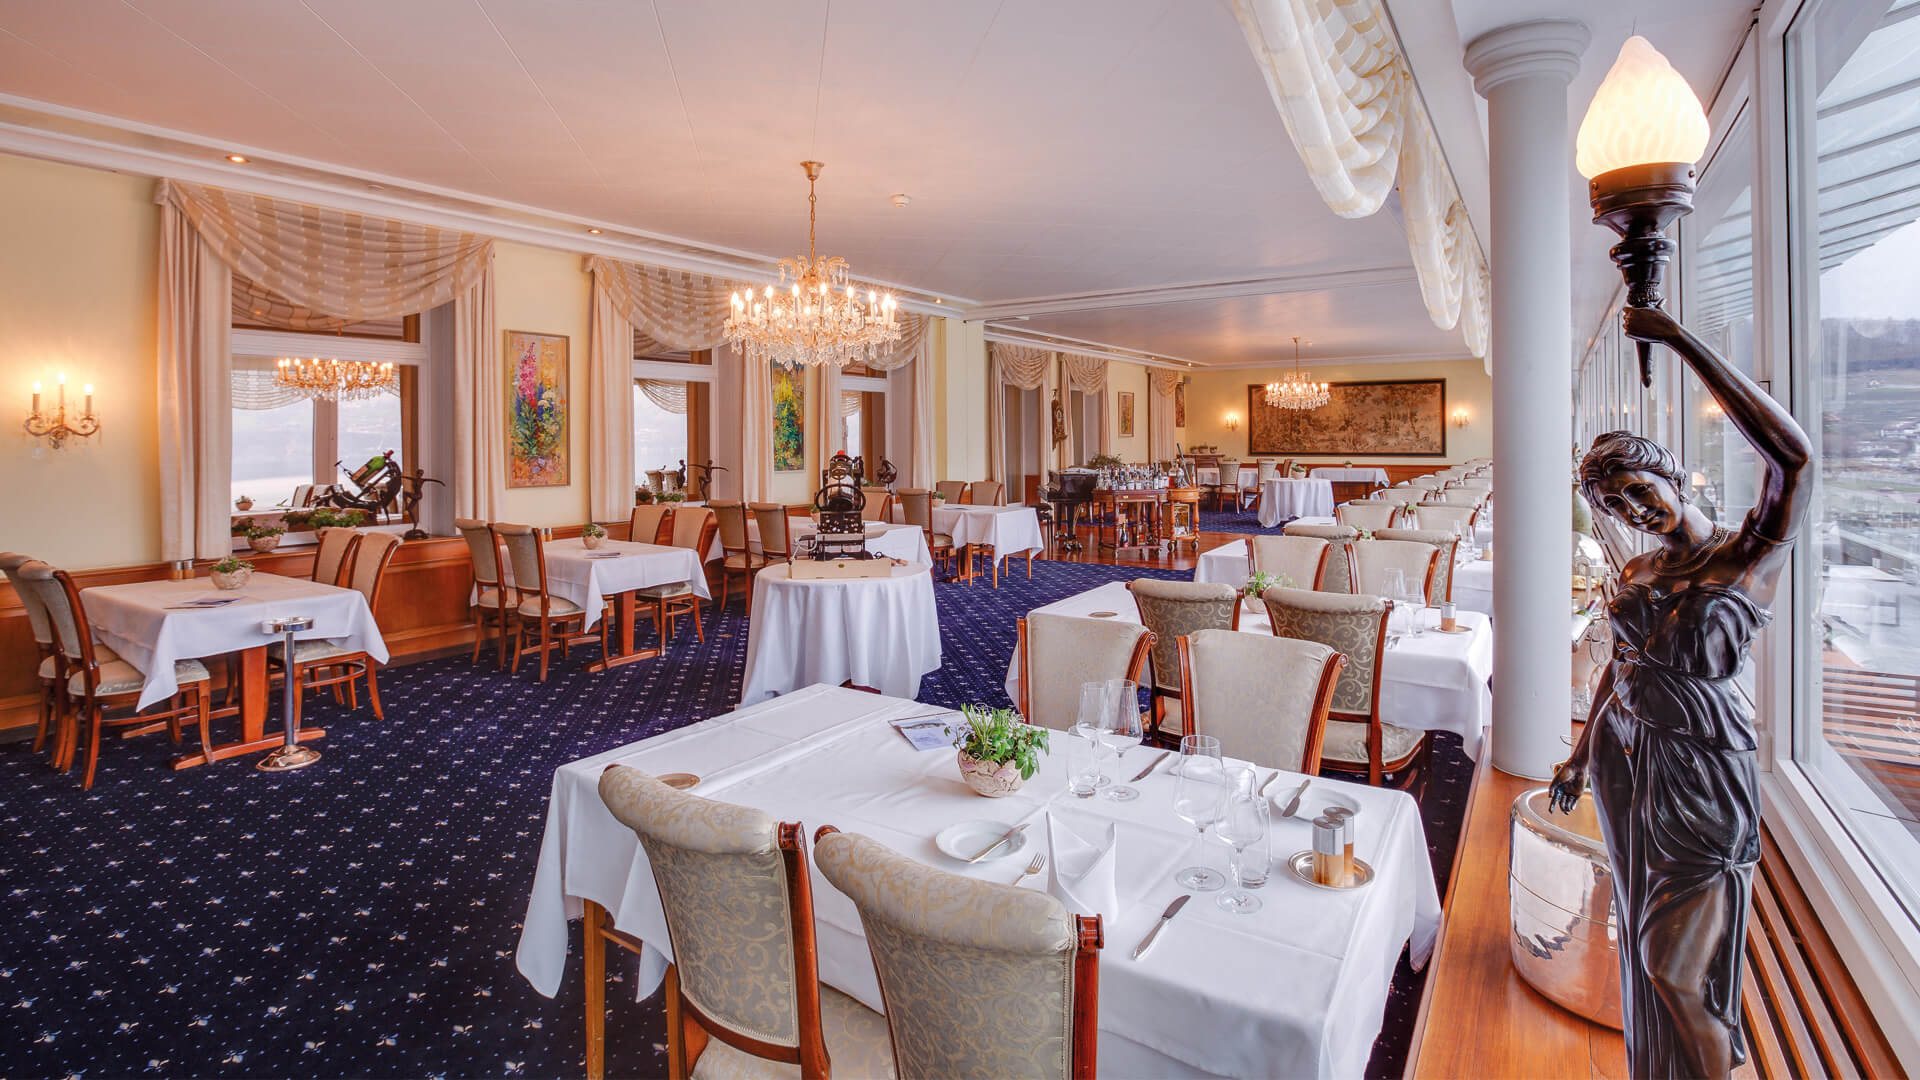 belvedere-strandhotel-restaurant-speisesaal